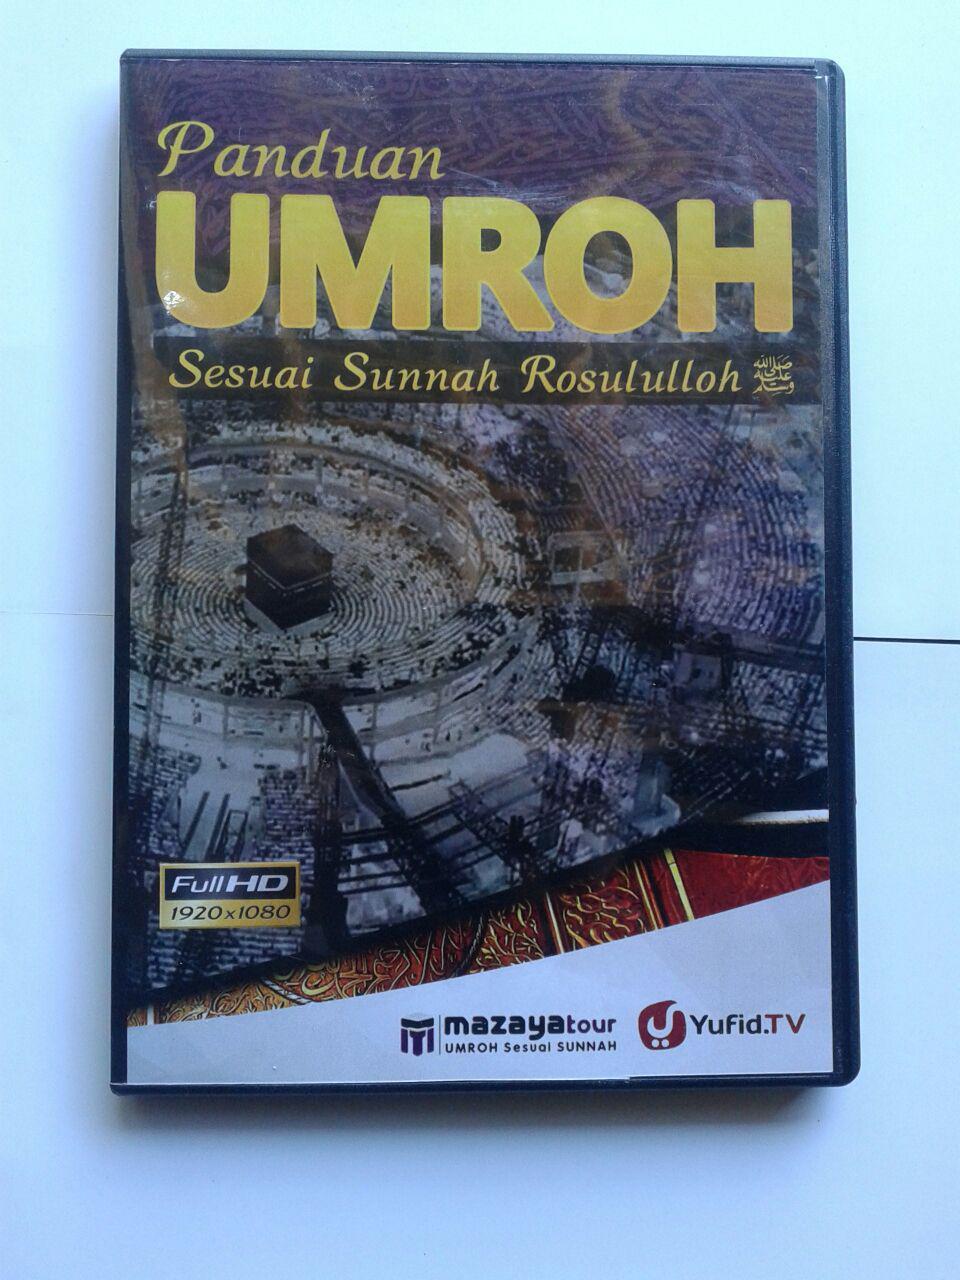 DVD Panduan Umroh Sesuai Sunnah Rosululloh cover